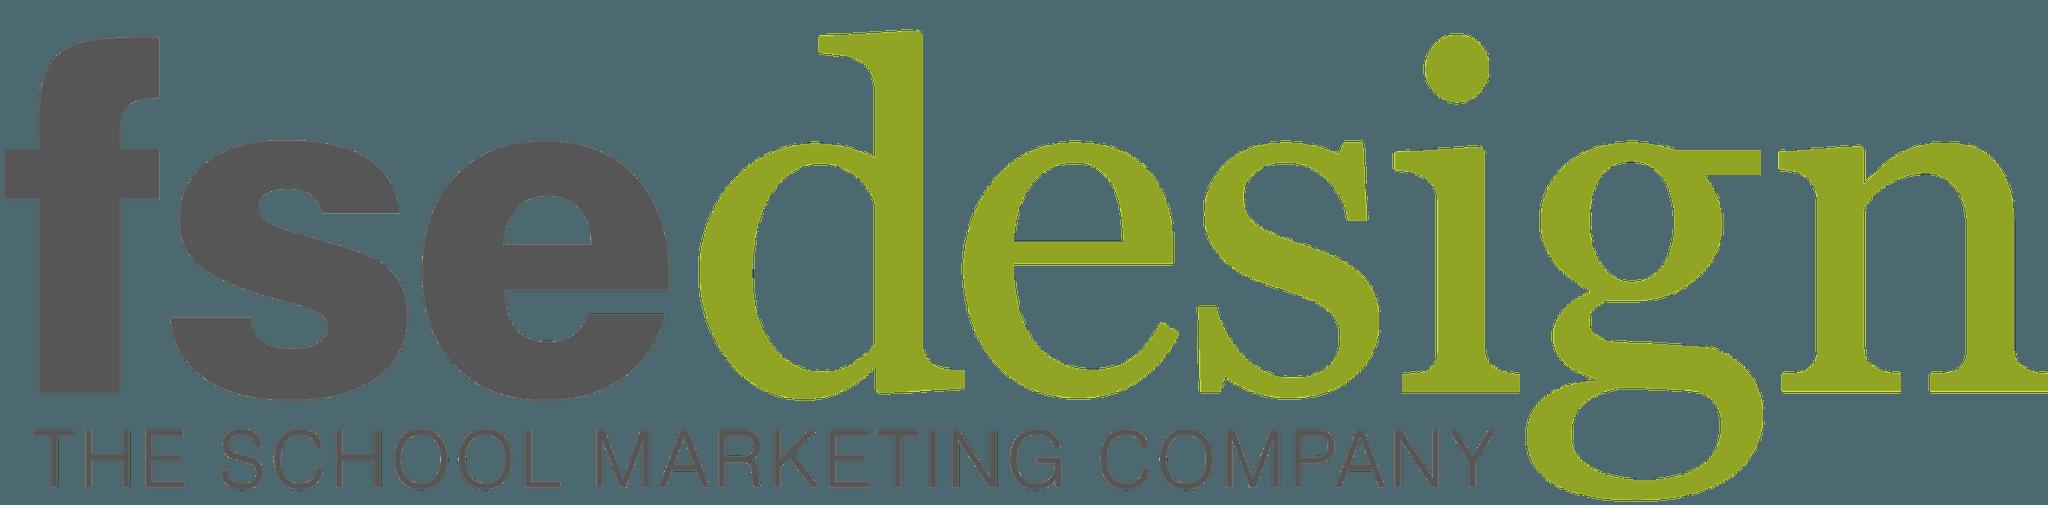 FSE Design